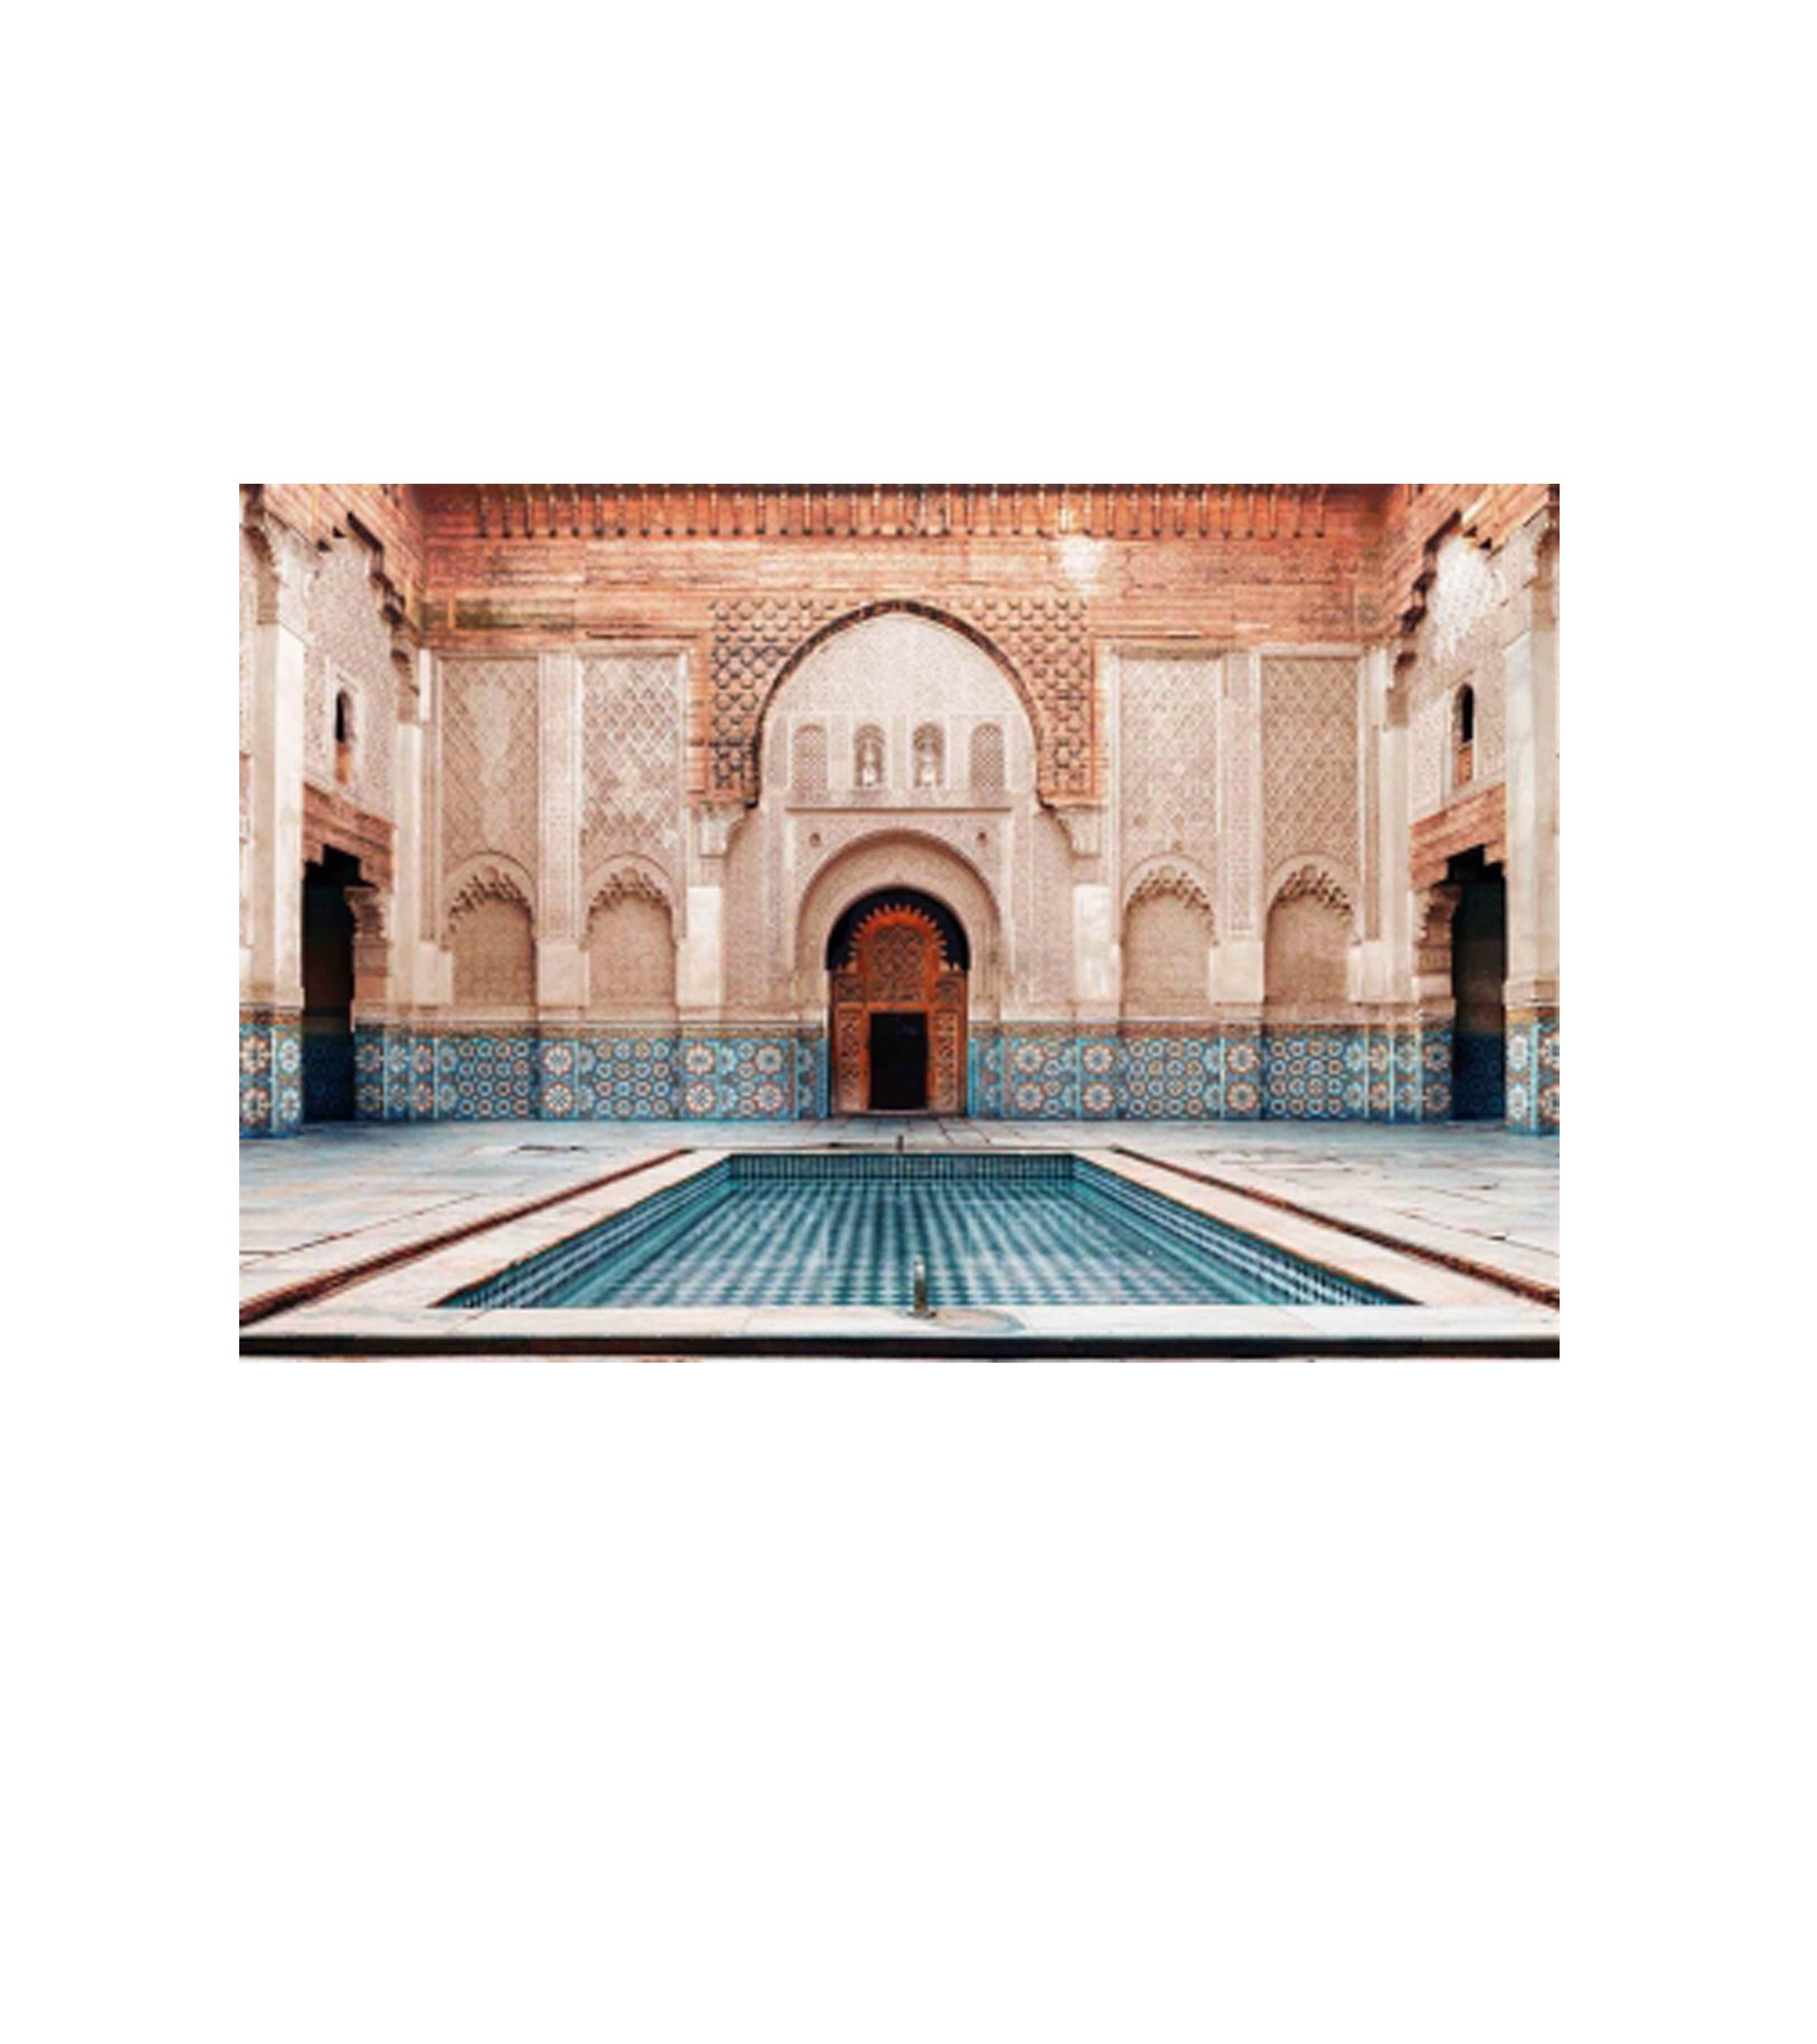 Morroccan baths